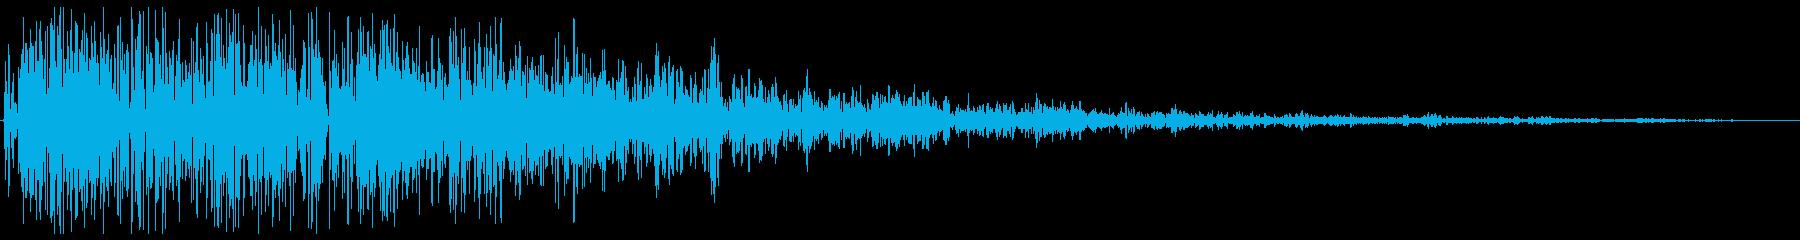 ドカーン(爆発の音)の再生済みの波形